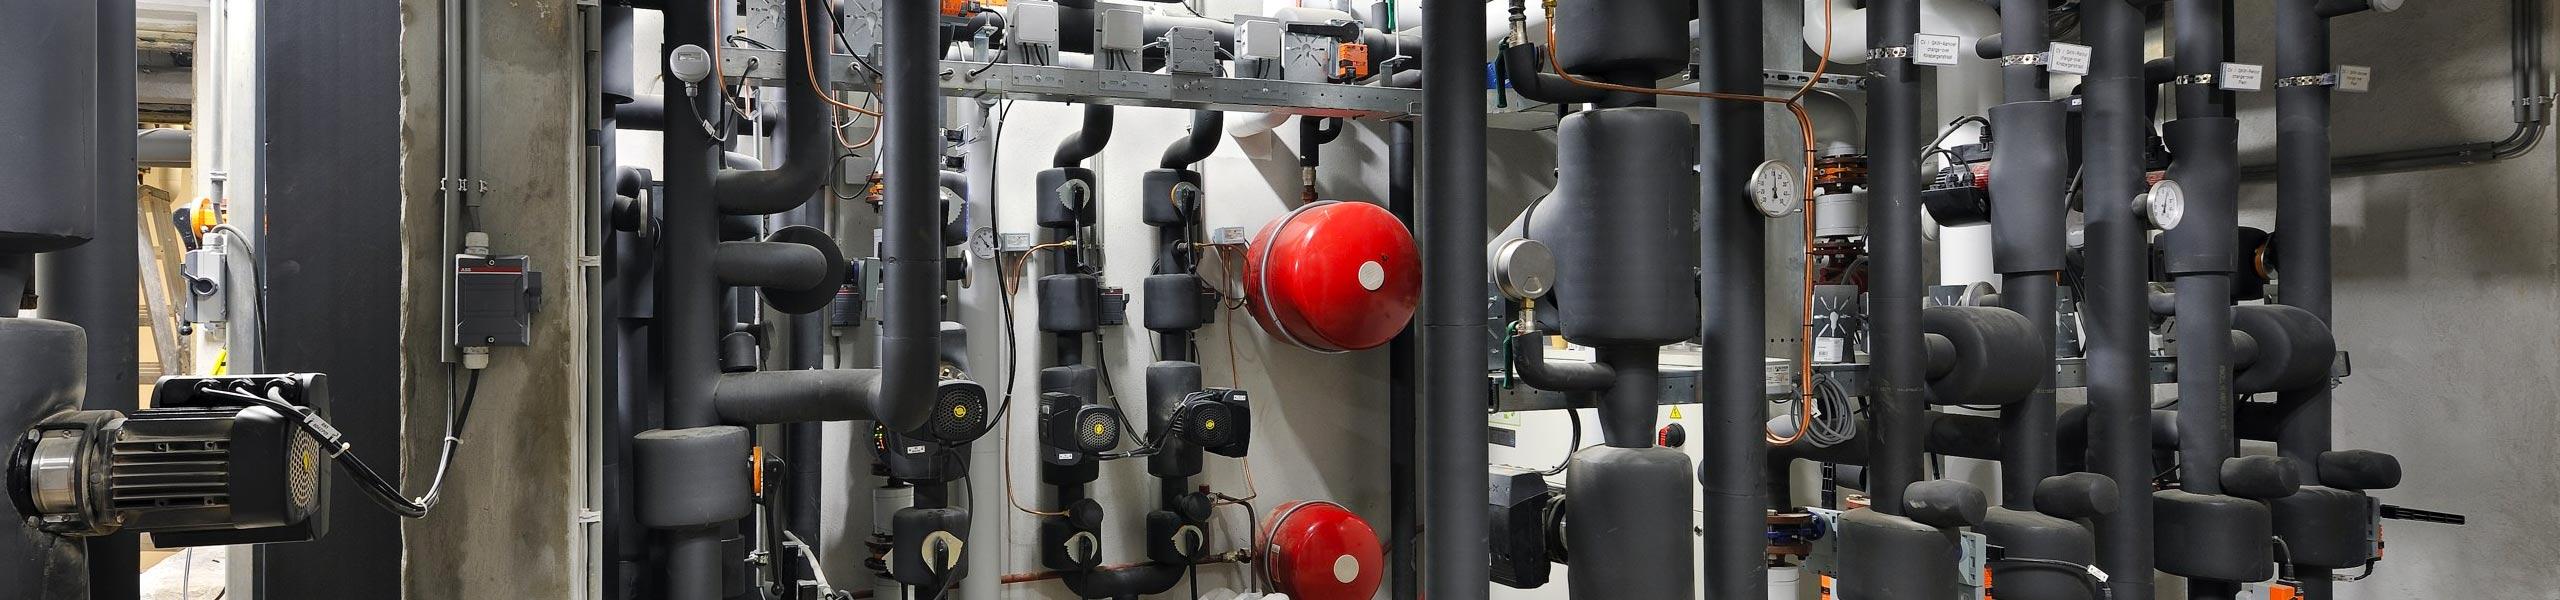 Utiliteit installatietechniek - K&M Installaties